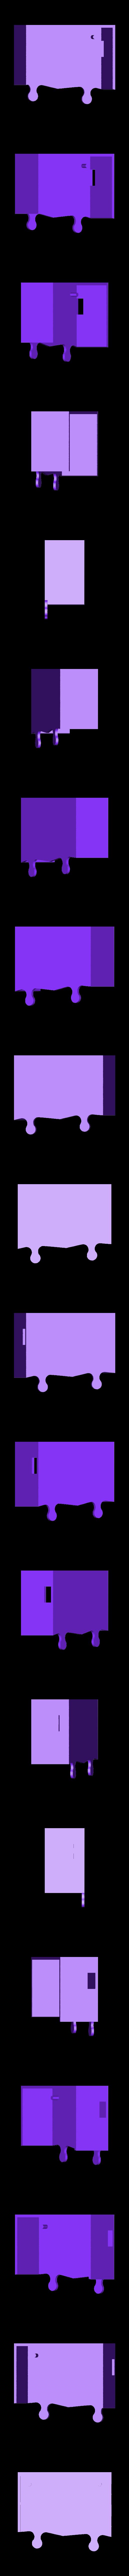 case2.stl Download free STL file Printrbot Electronic box • Design to 3D print, Ghashrod